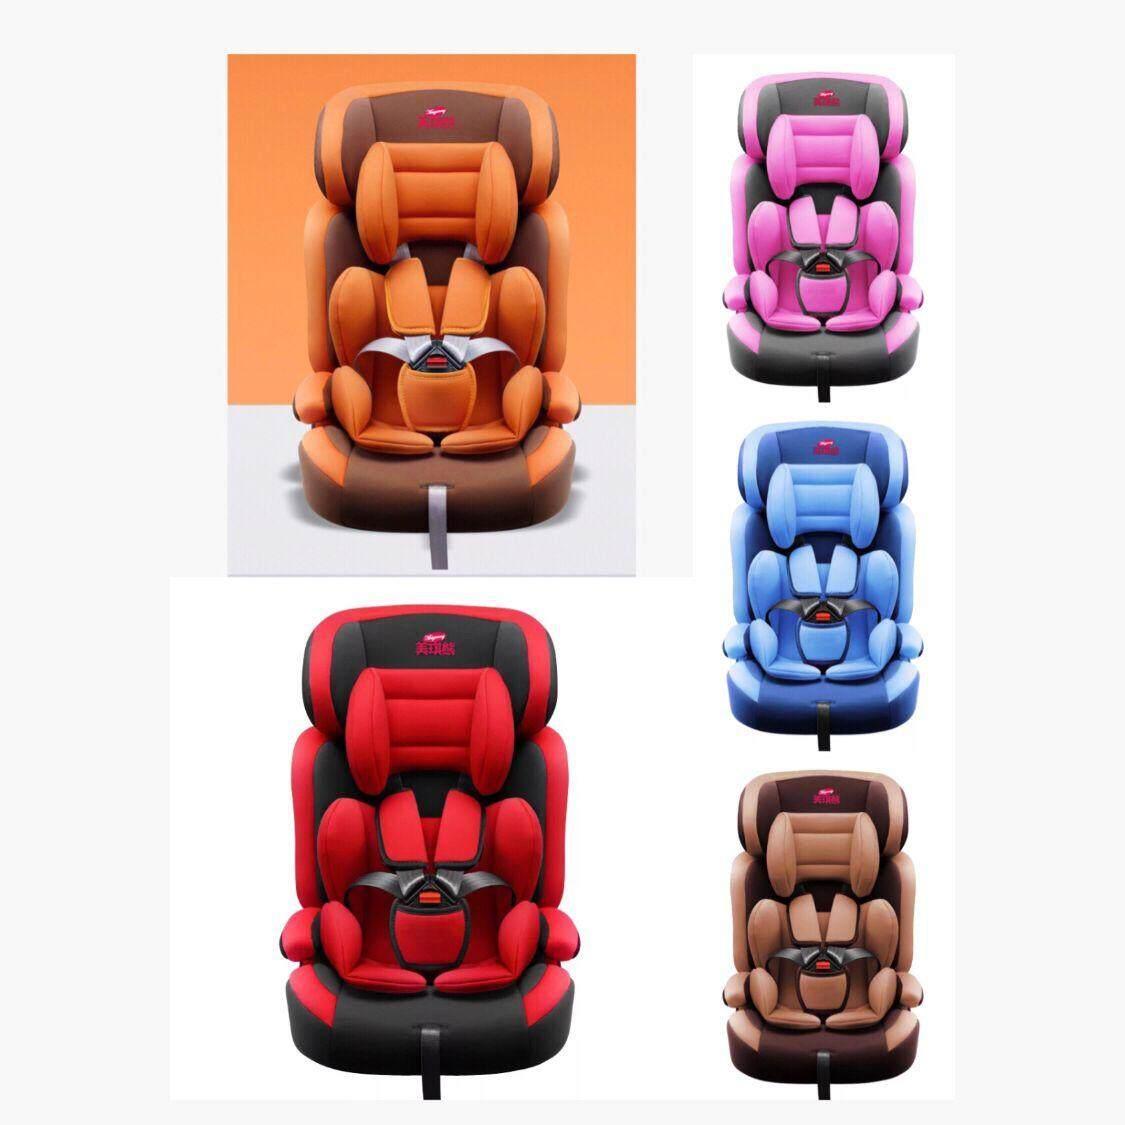 คาร์ซีท (car Seat) เบาะรถยนต์นิรภัยสำหรับเด็กขนาดใหญ่ ตั้งแต่อายุ 0 เดือน ถึง 12 ปี.